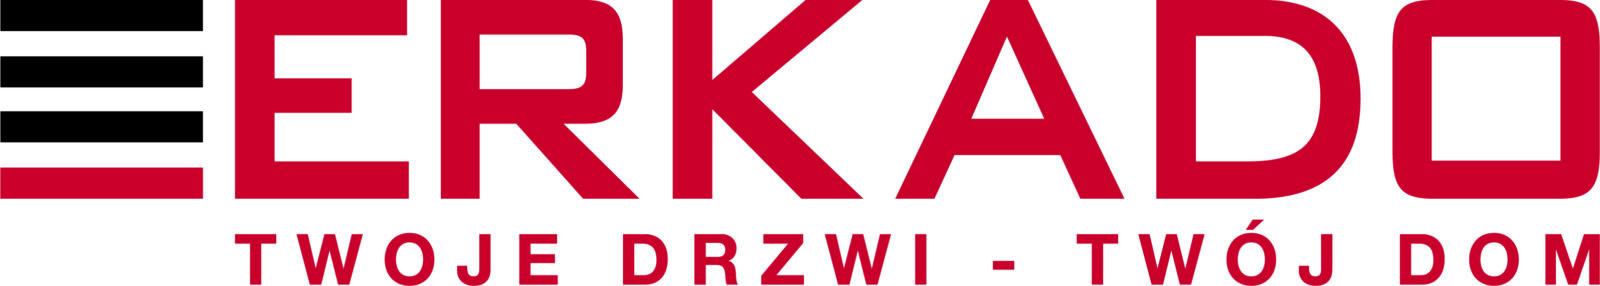 Erkado-logo1